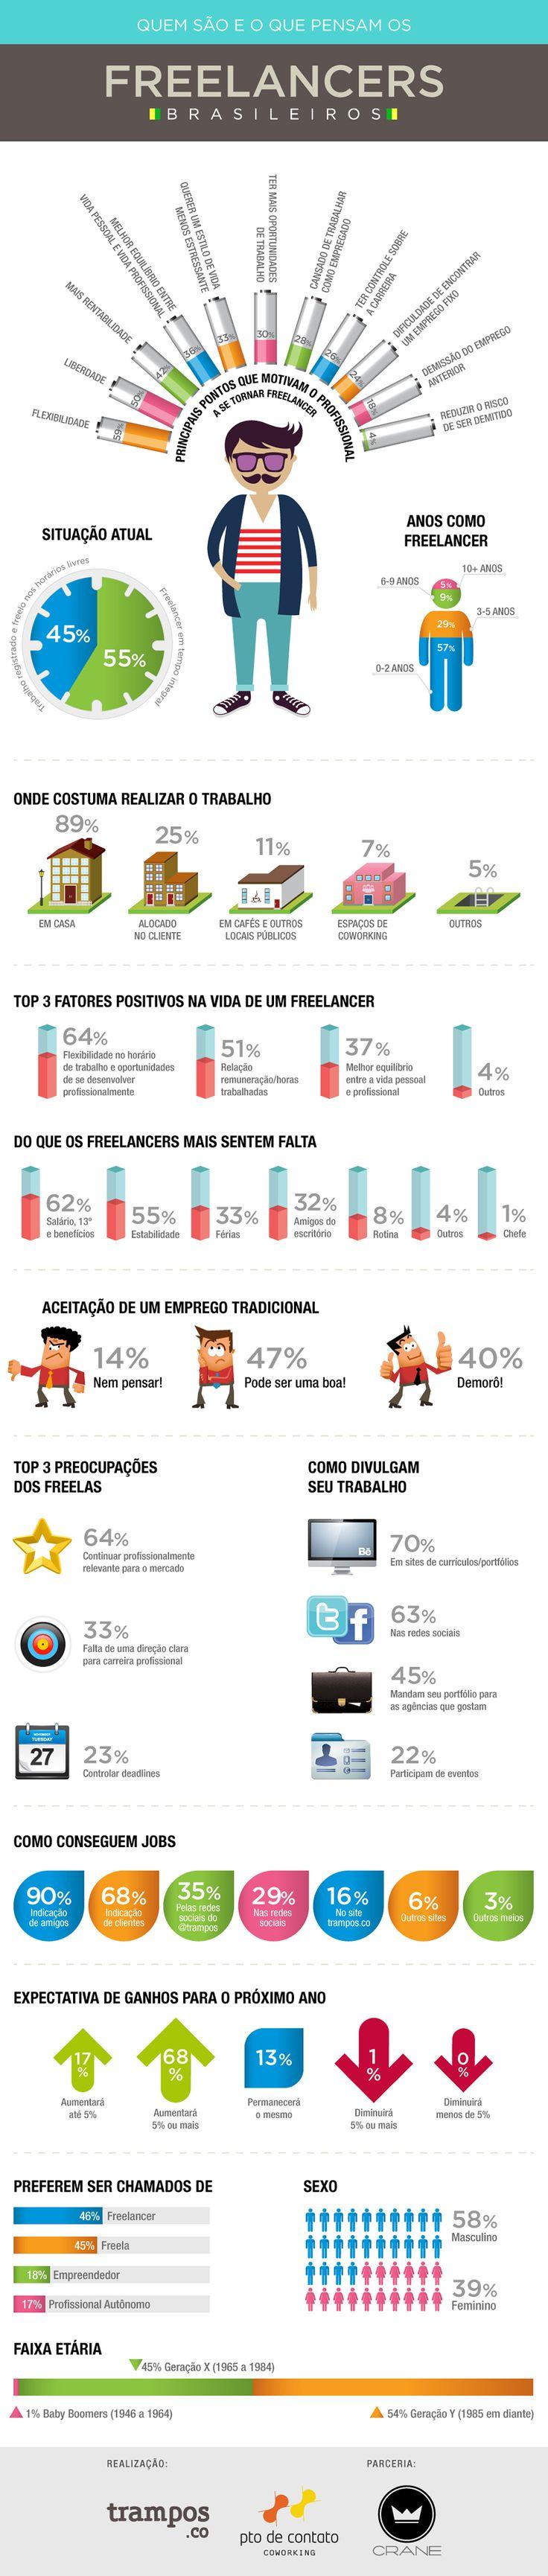 Quem são e o que pensam os freelancers brasileiros